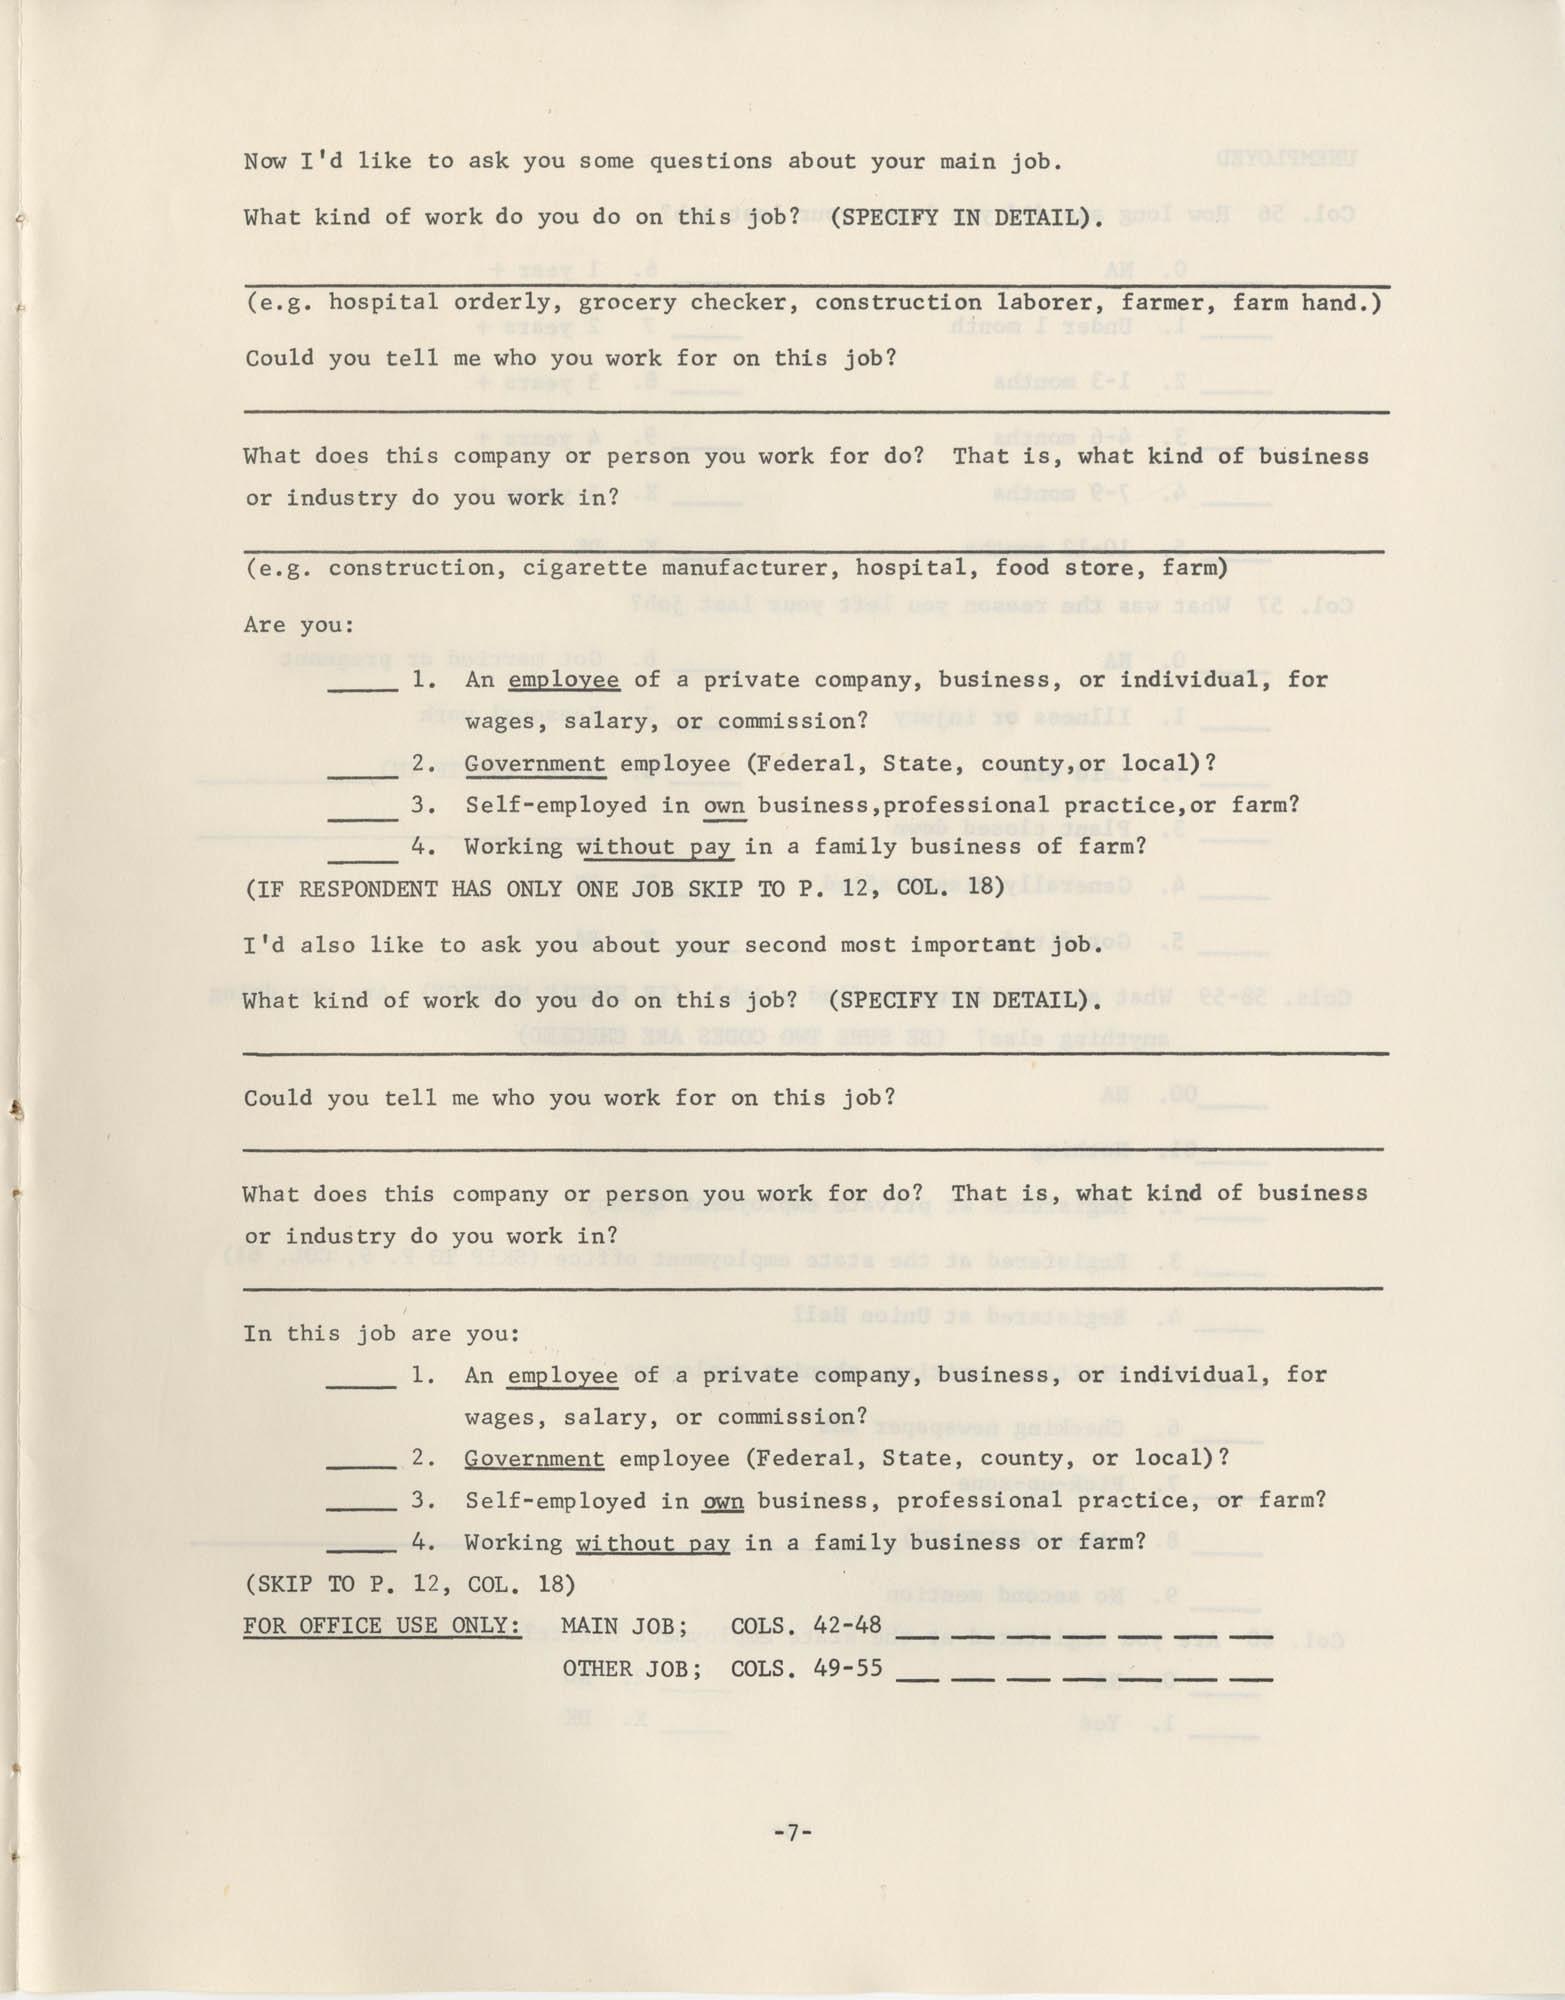 North Carolina Socio-Economic Survey, Page 7